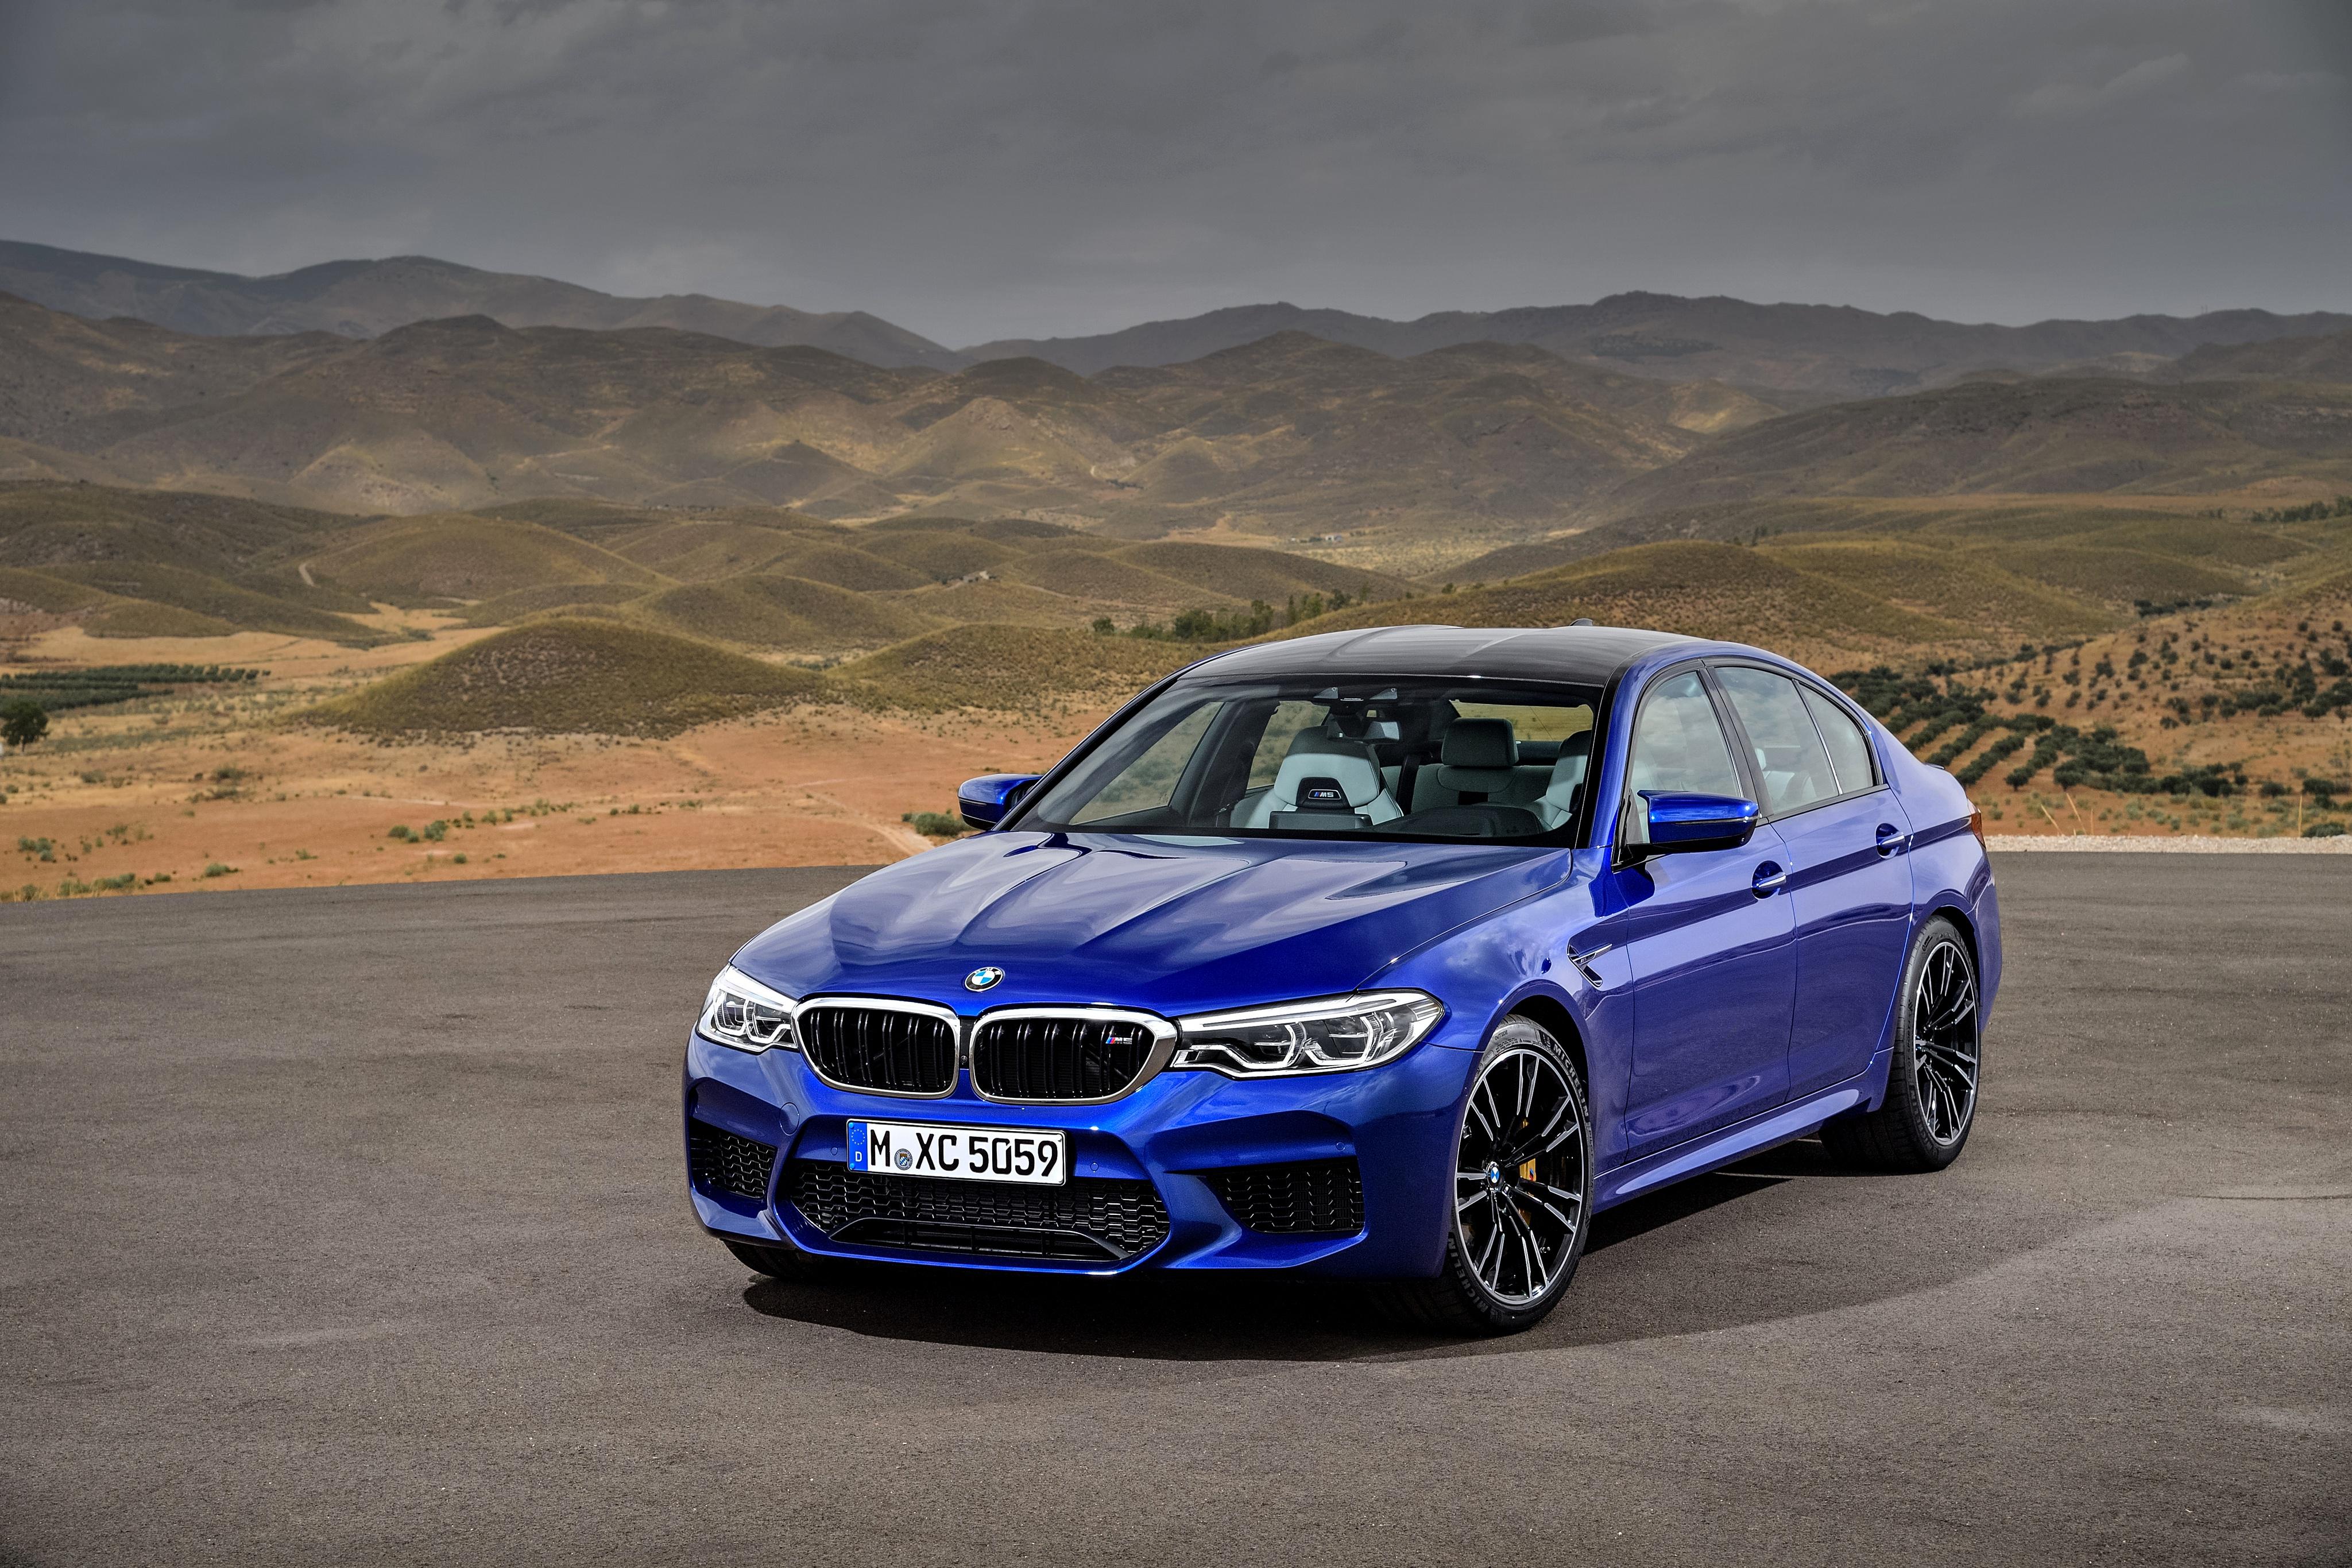 Фотография BMW M5 2017 M5 F90 синих Автомобили 4096x2731 БМВ синяя синие Синий авто машины машина автомобиль